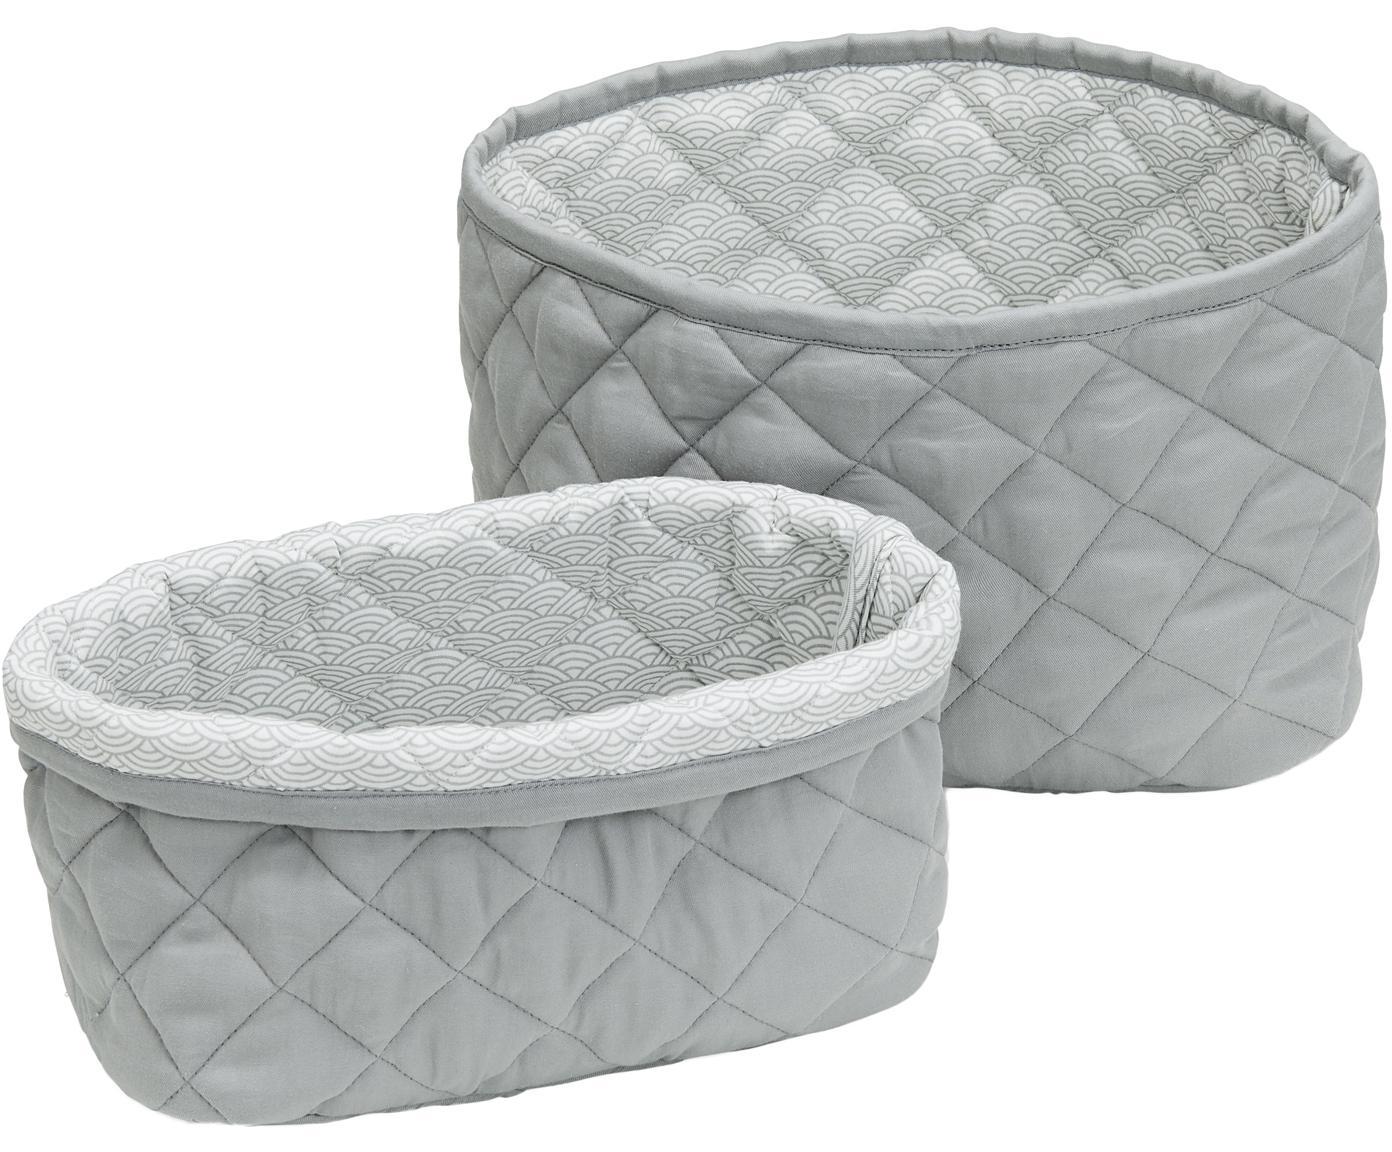 Aufbewahrungskörbe-Set Wave aus Bio-Baumwolle, 2-tlg., Bezug: Bio-Baumwolle, Grau, Sondergrößen